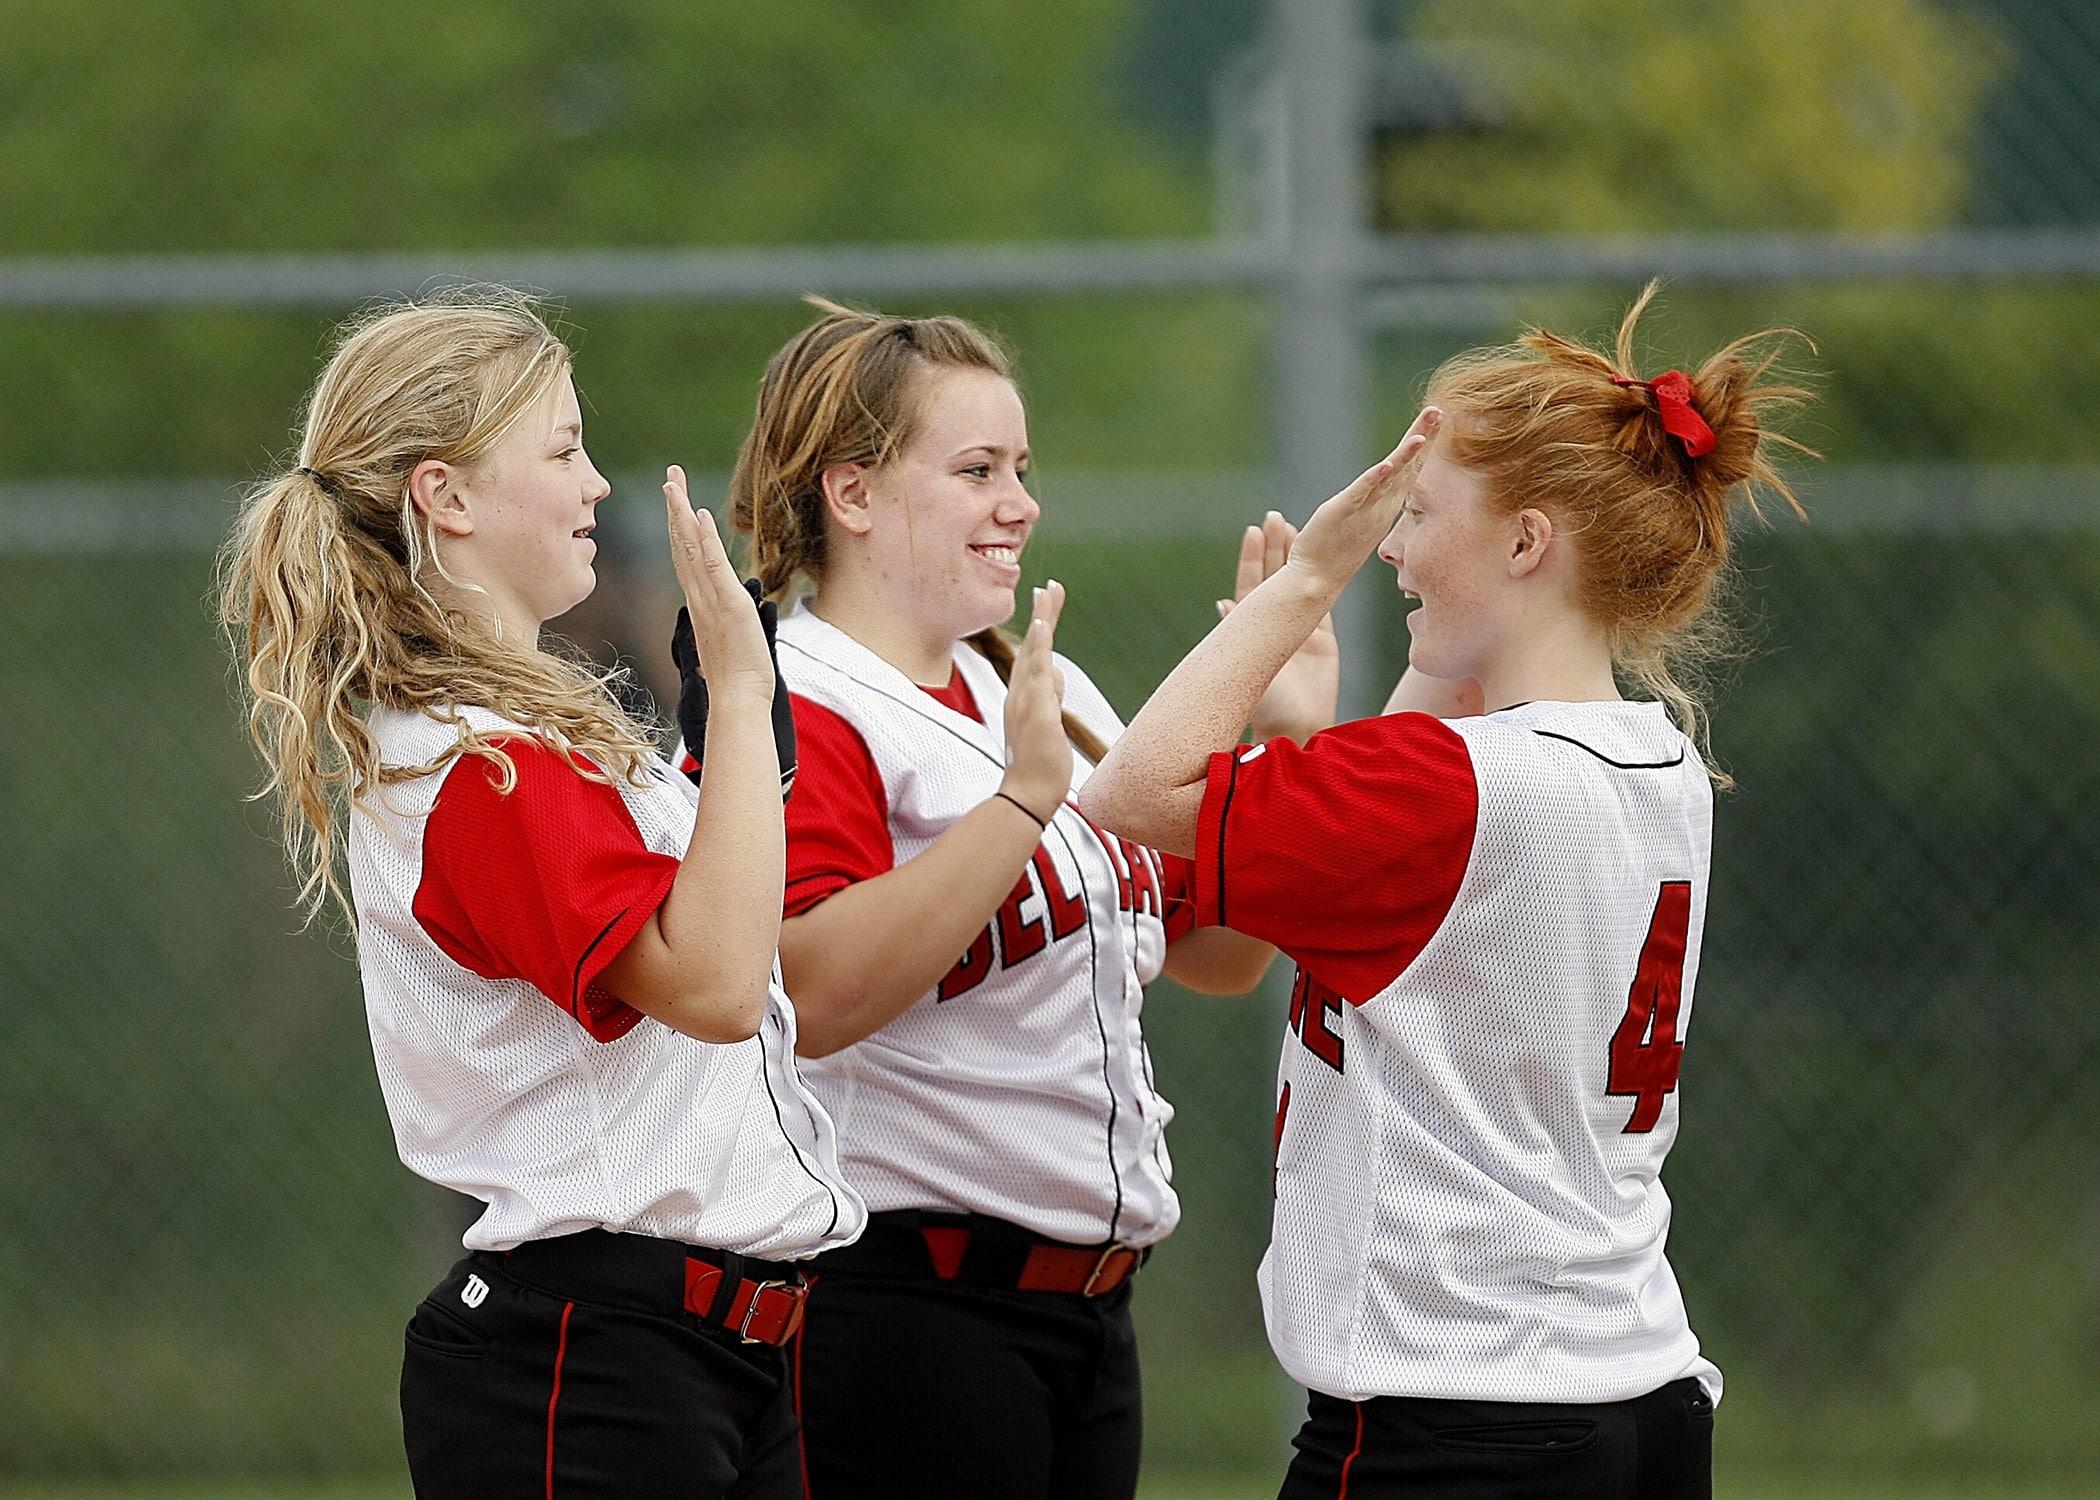 """Três jovens com uniforme de esporte e cabelos presos tocam as mãos umas das outras com um """"high five""""."""